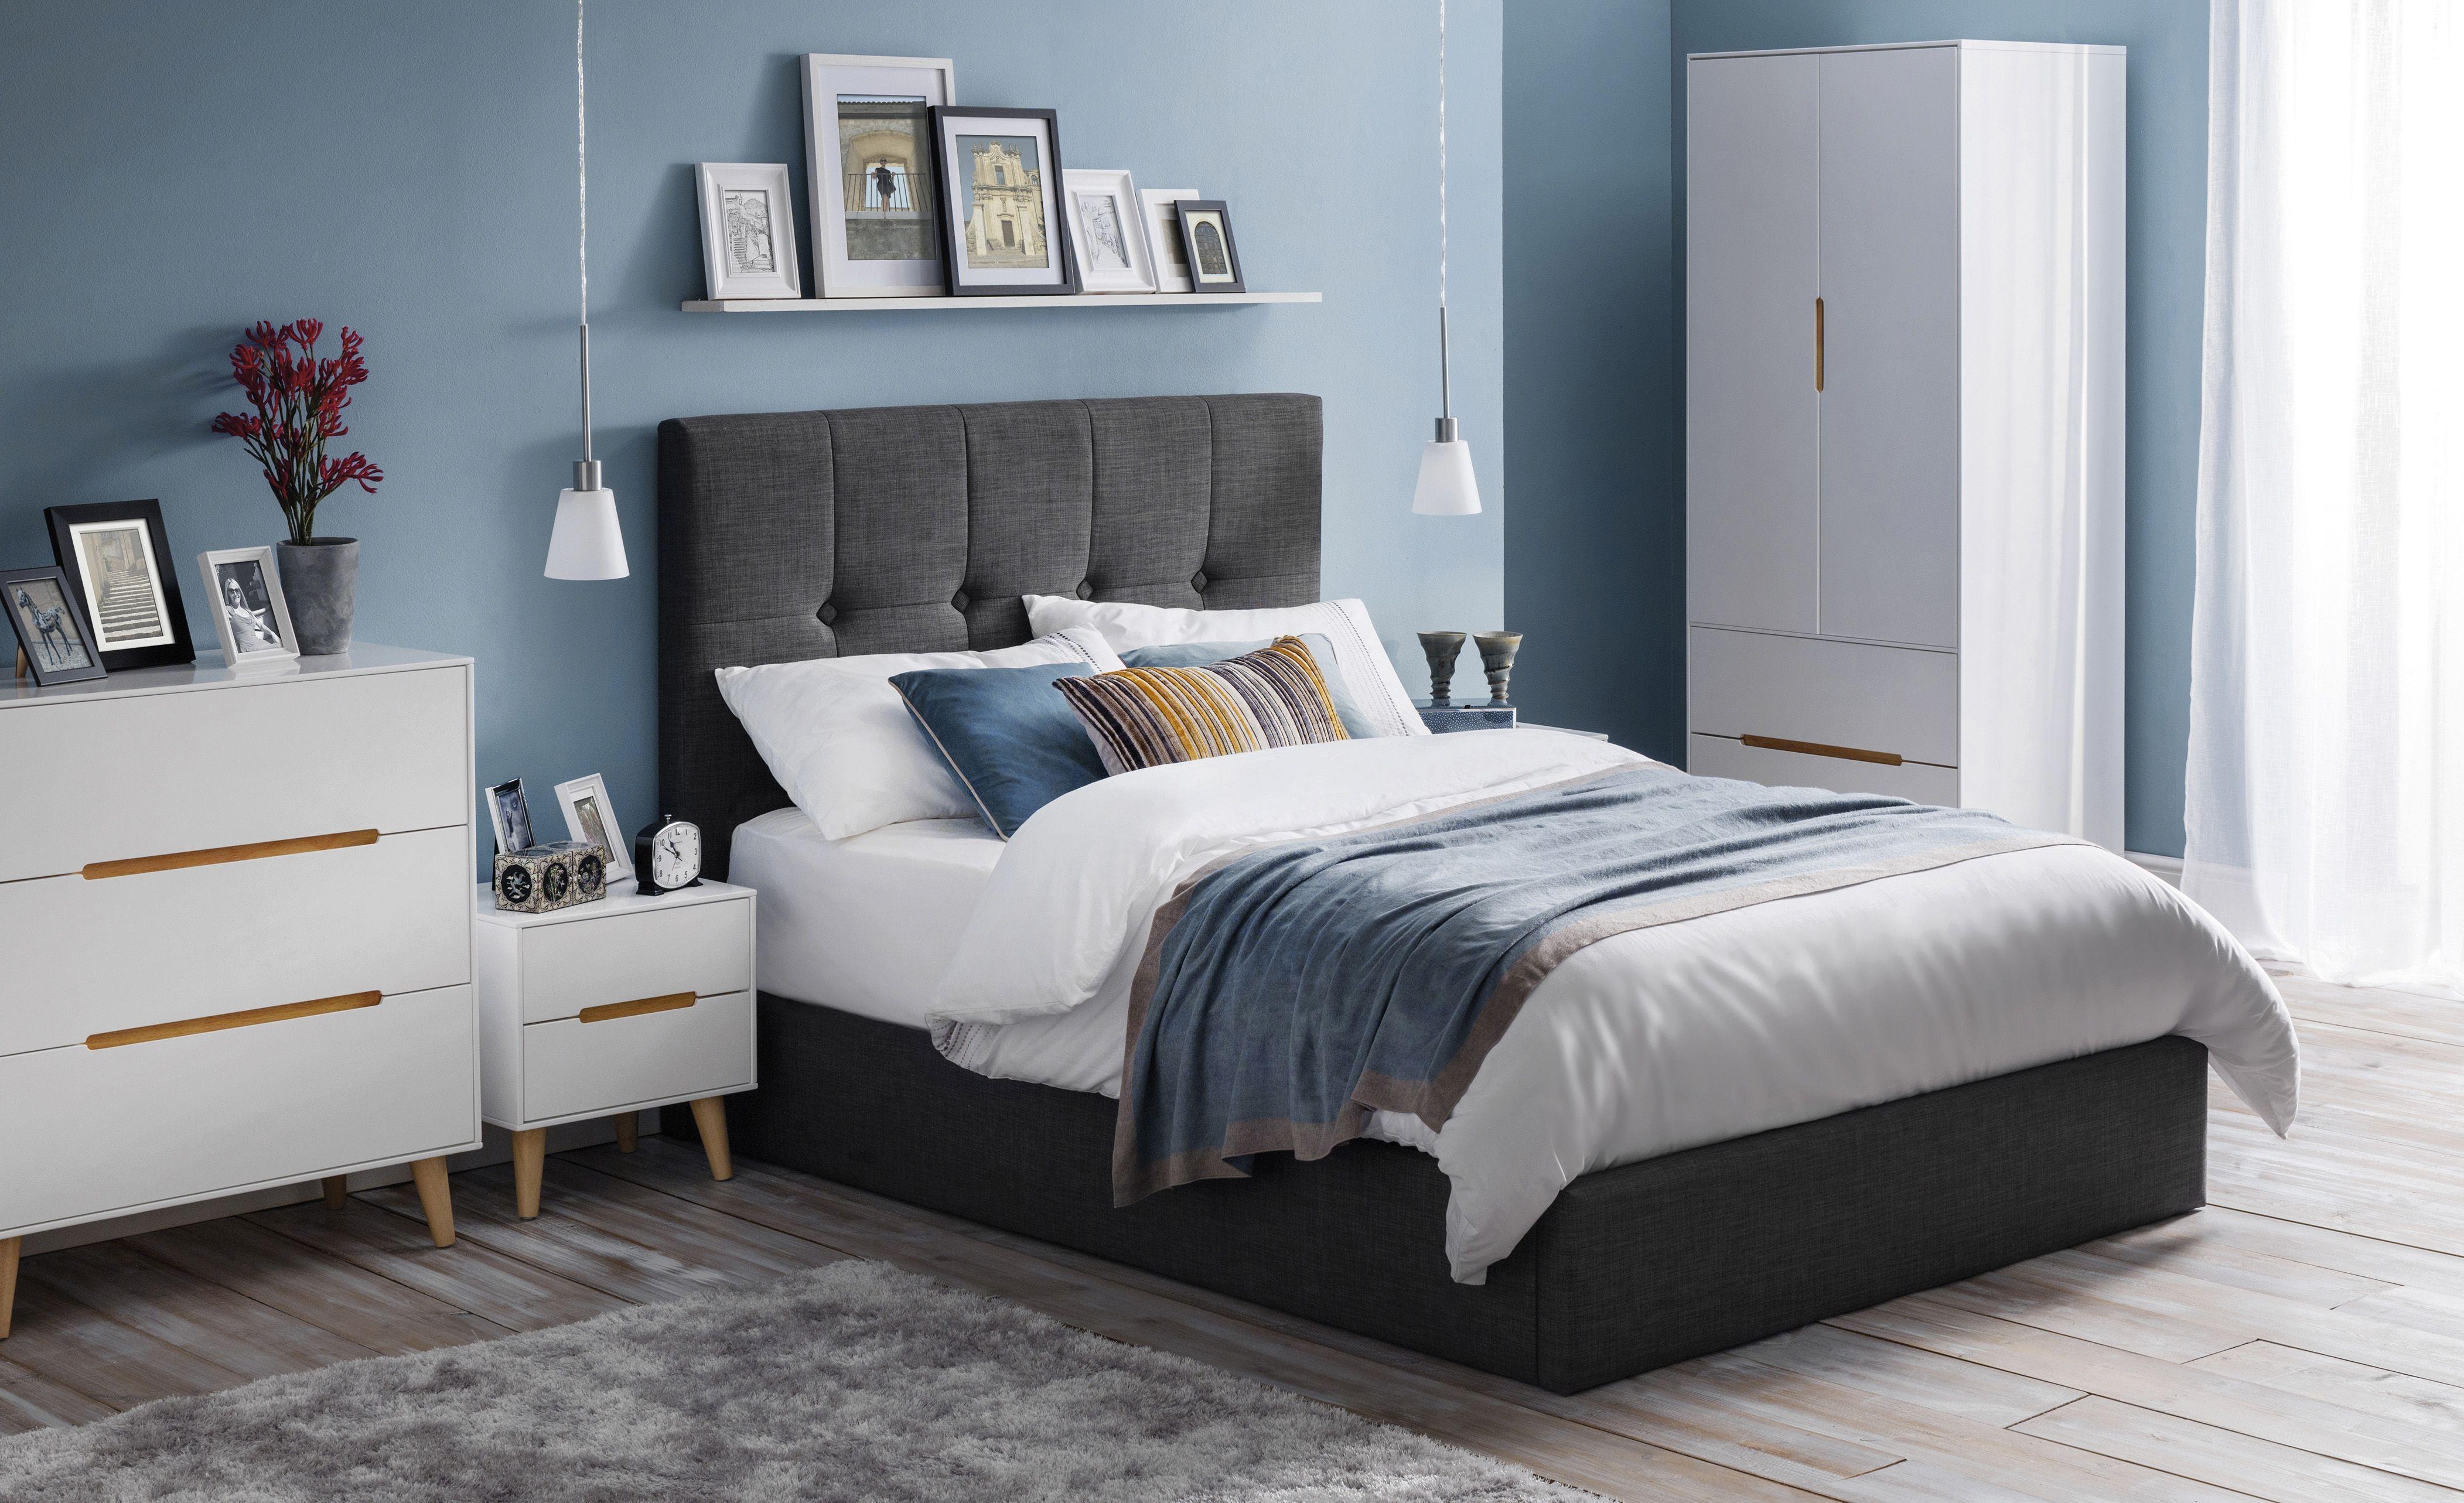 Sorrento Slate Grey Ottoman Fabric Bed Frame 4ft6 Double Bedroom Furniture Sets Furniture Modern Bedroom Design